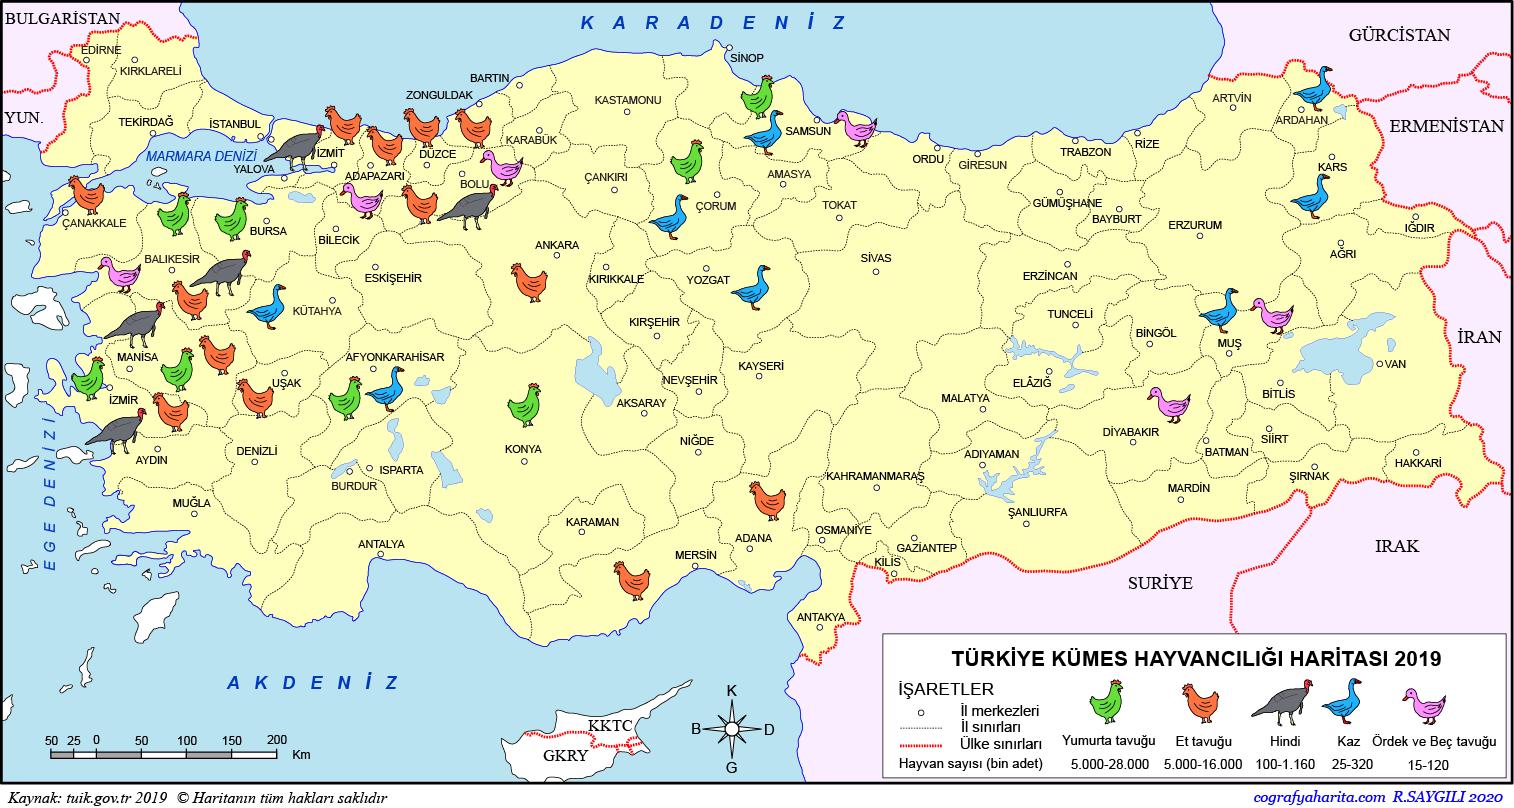 Türkiye Kümes Hayvancılığı Haritası